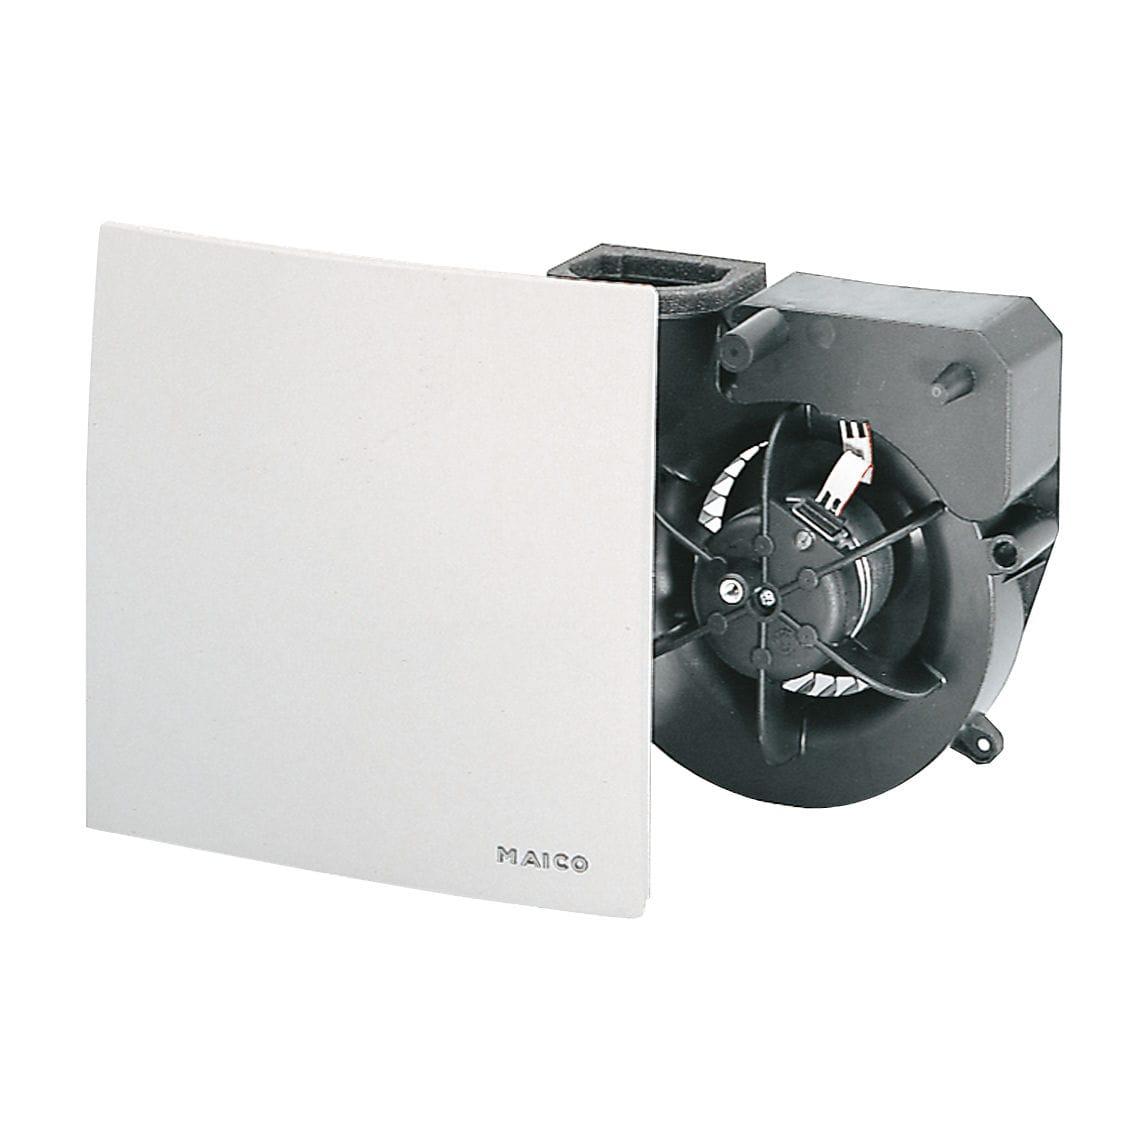 Ventilator Für Abzug / Wandmontiert / Wohnbereich / Metall ER SERIES MAICO  Ventilatoren